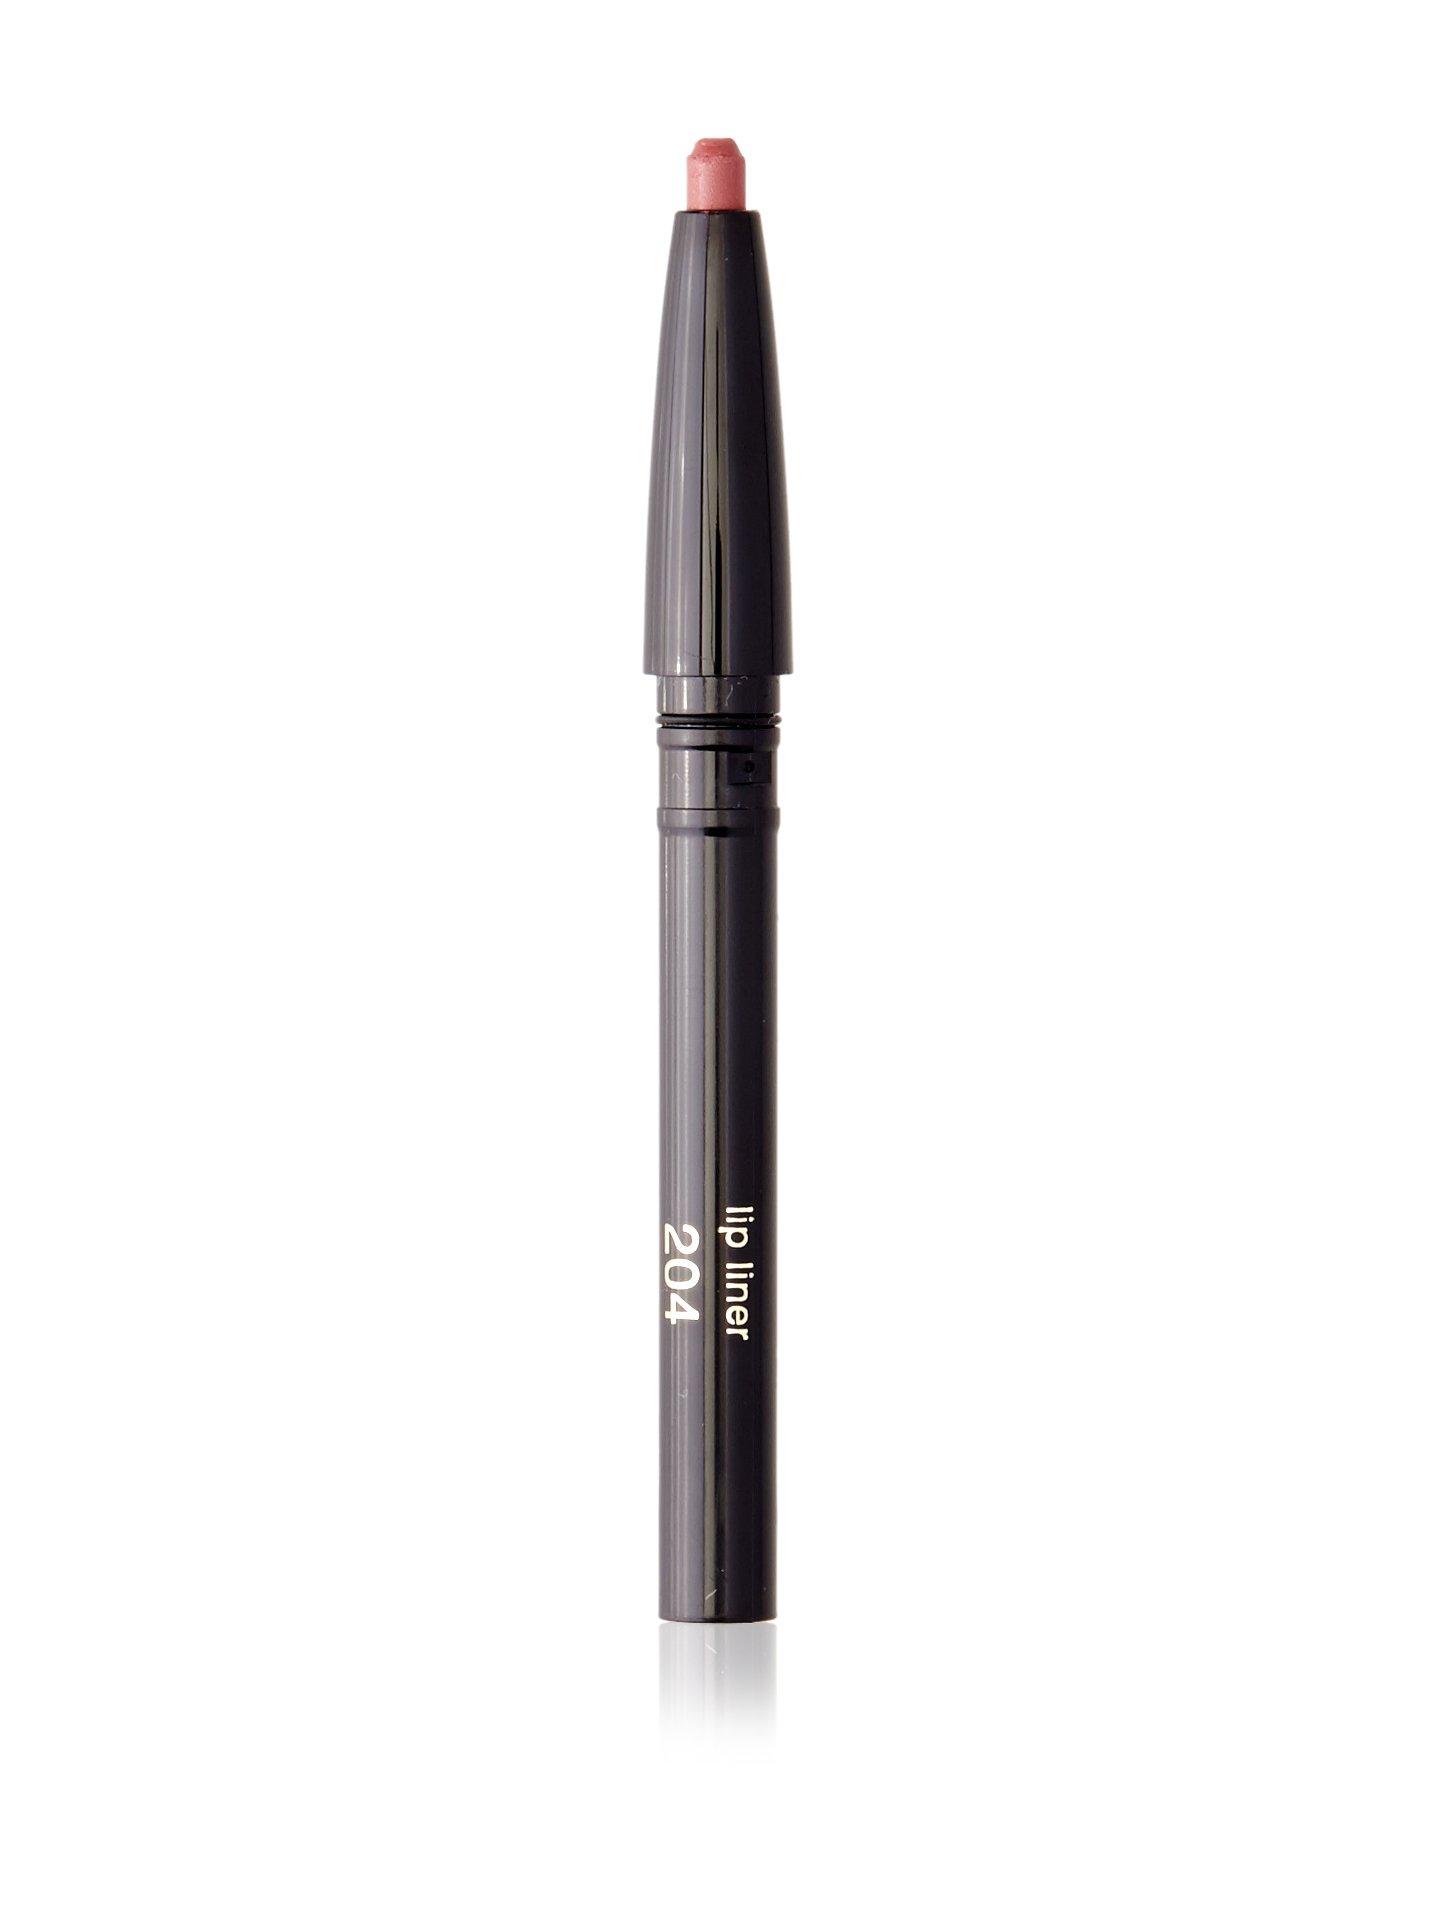 Cle De Peau Beaute Lip Liner Pencil Cartridge (204) by